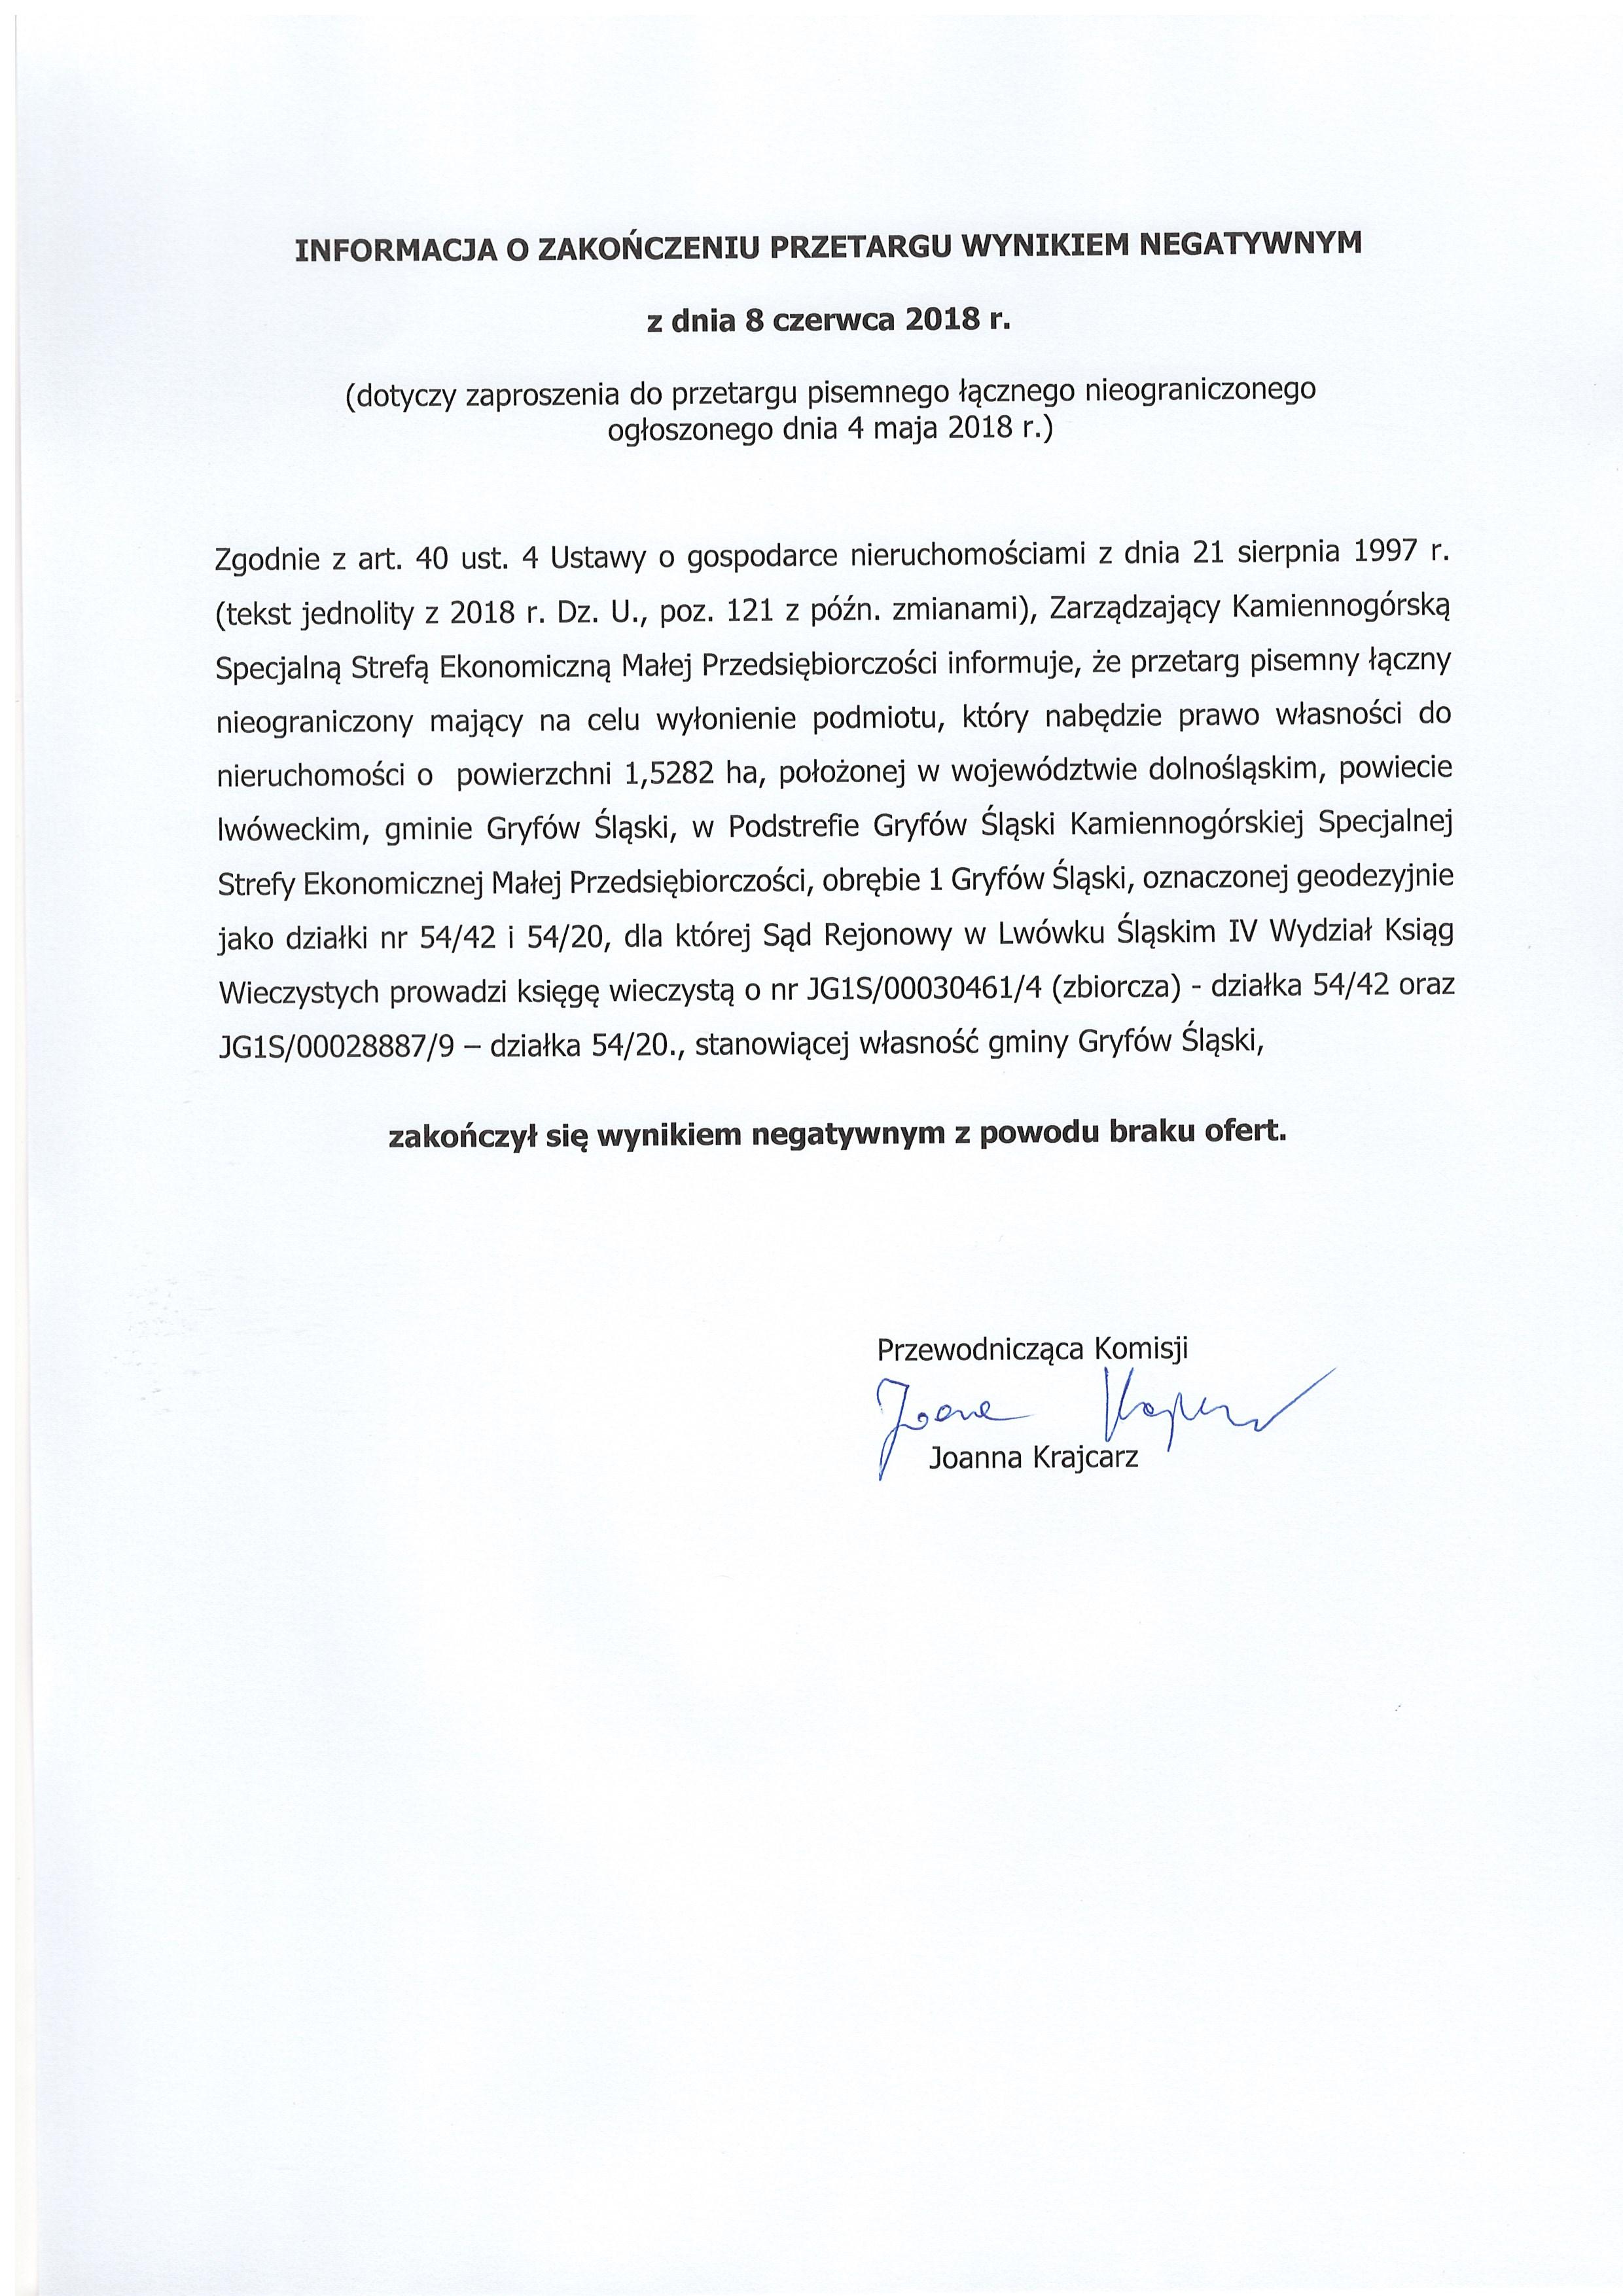 08.06.2018 informacja o zakończeniu przetargu